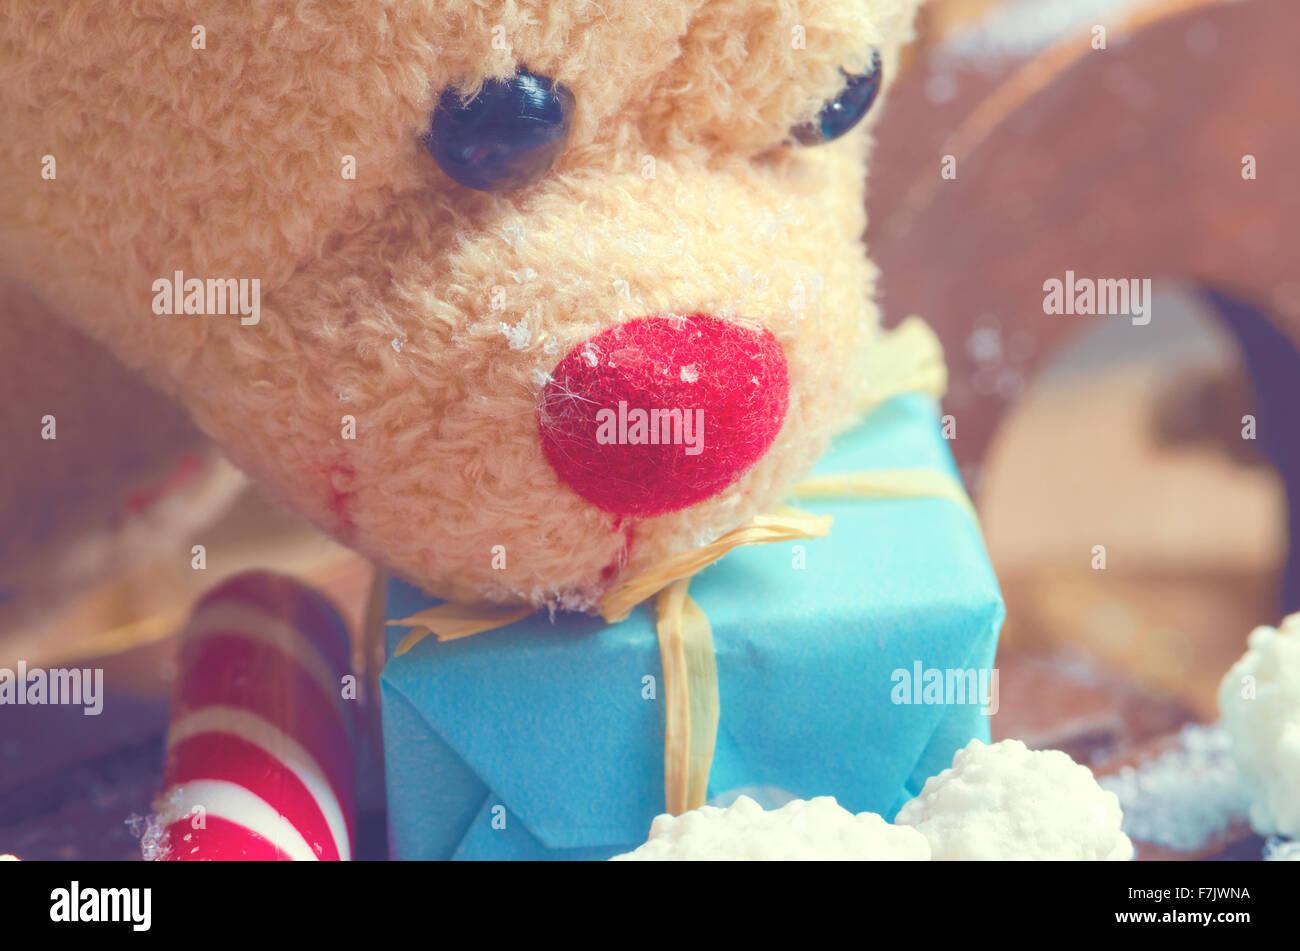 Ours de Noël avec Candy Cane et bleu présente Photo Stock